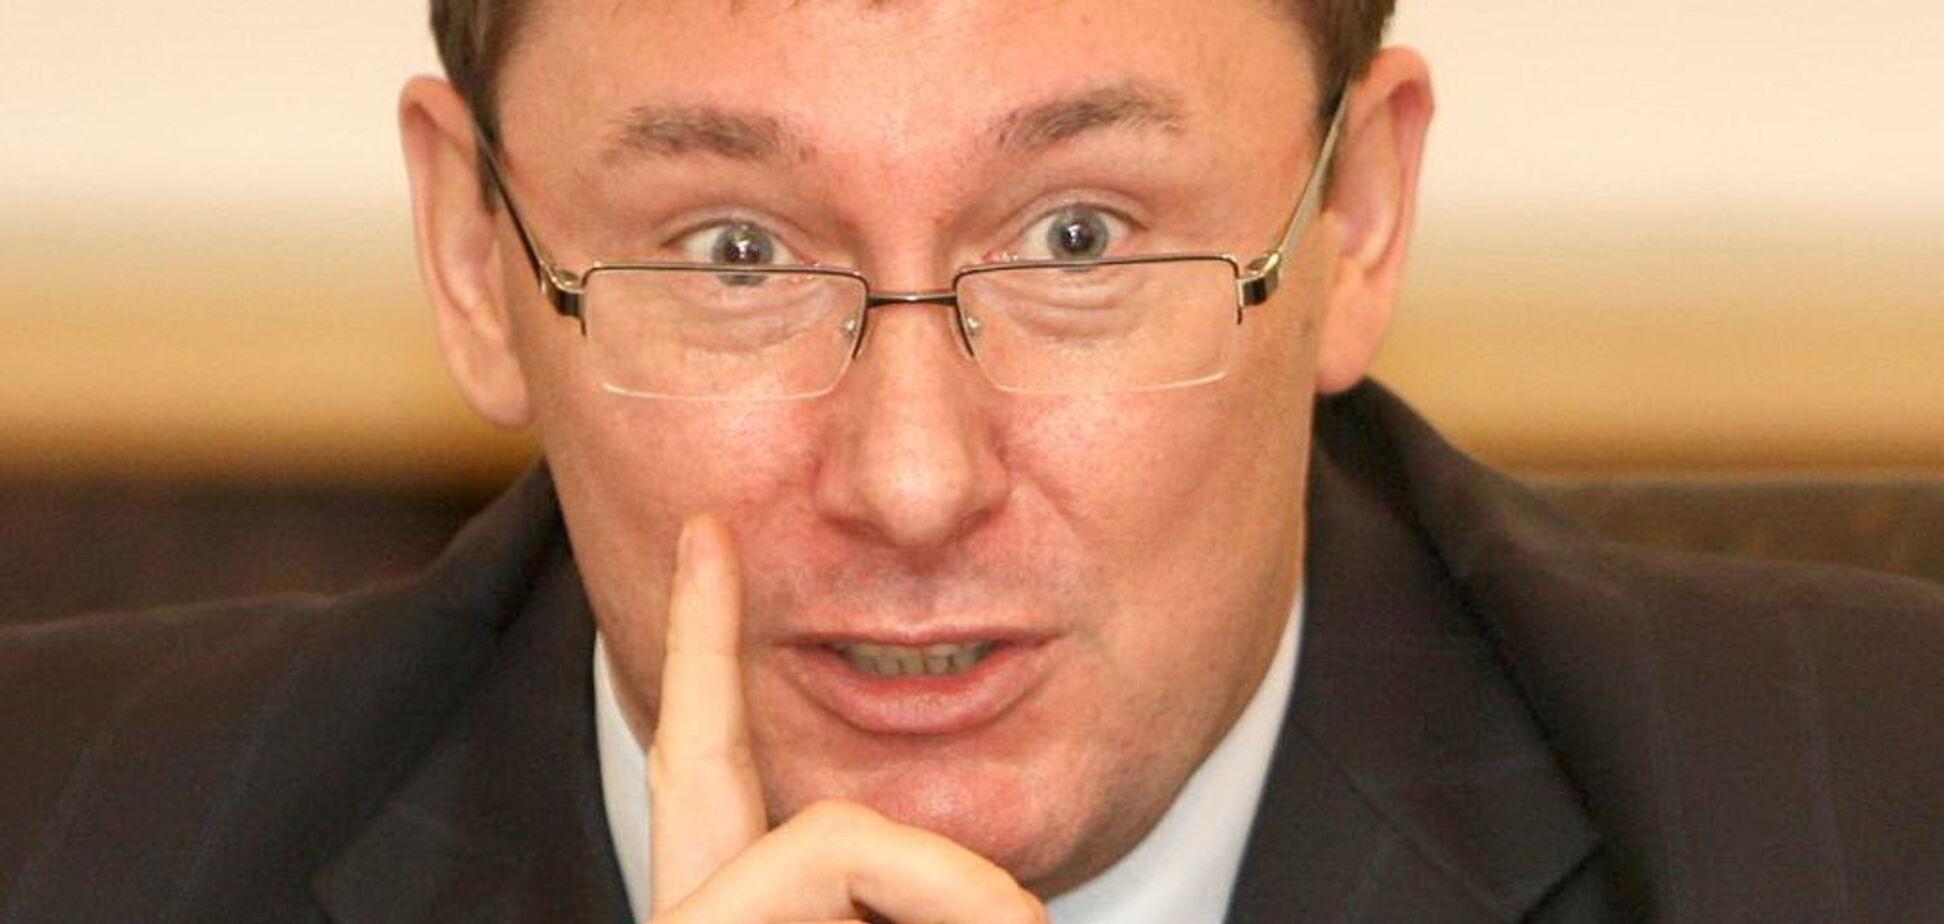 Команду 'фас' не давали: Луценко взявся за клієнтів Манафорта в Україні